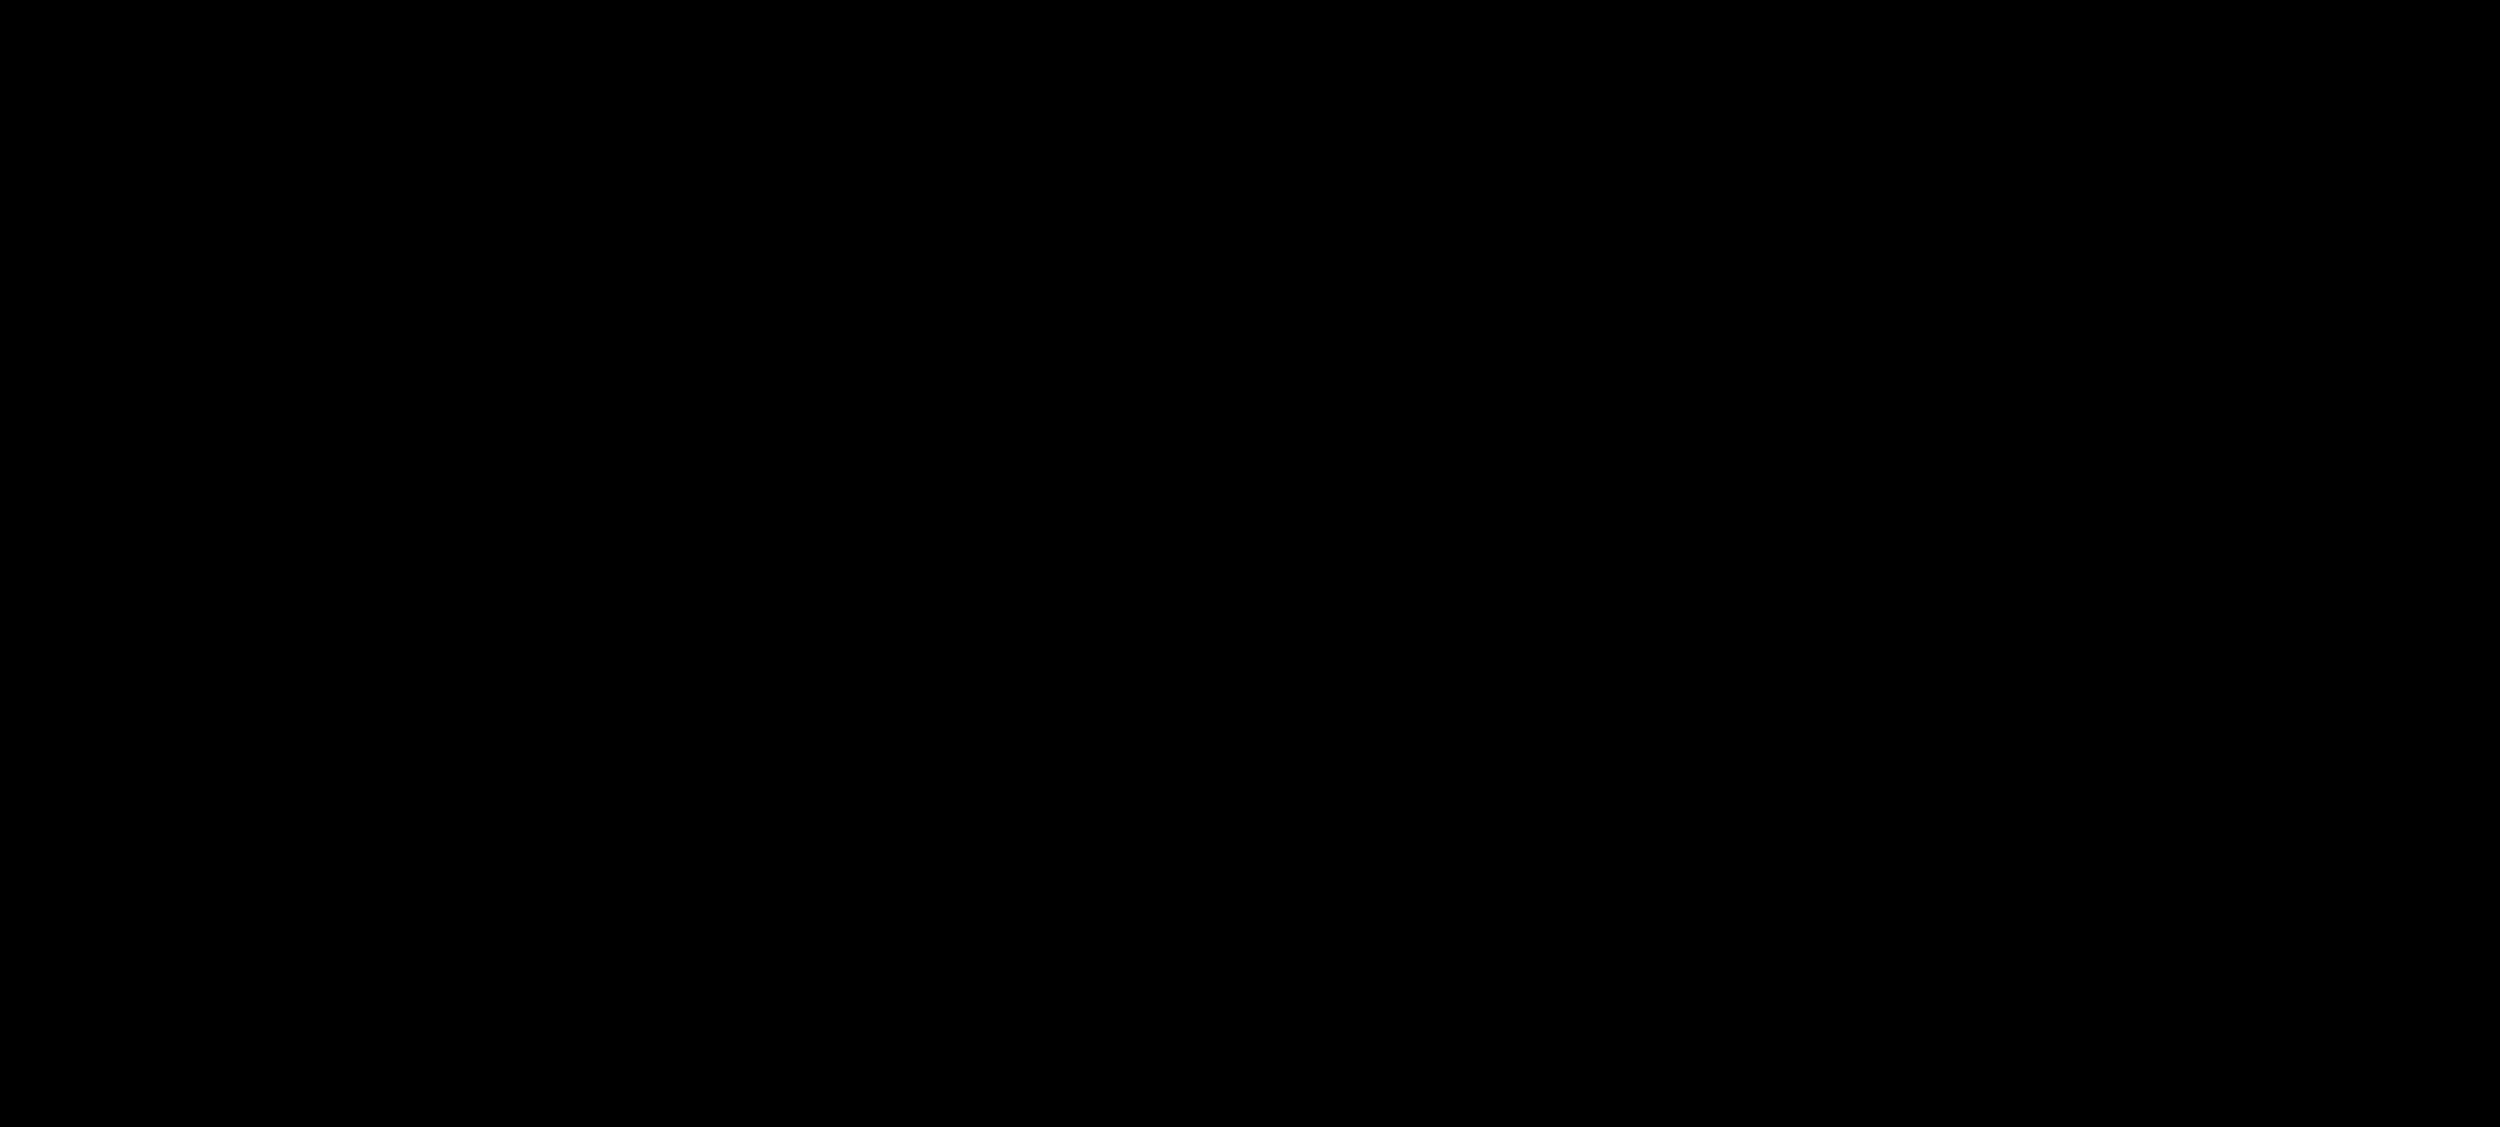 FL048_RITNINGAR HEMSIDA-12.png